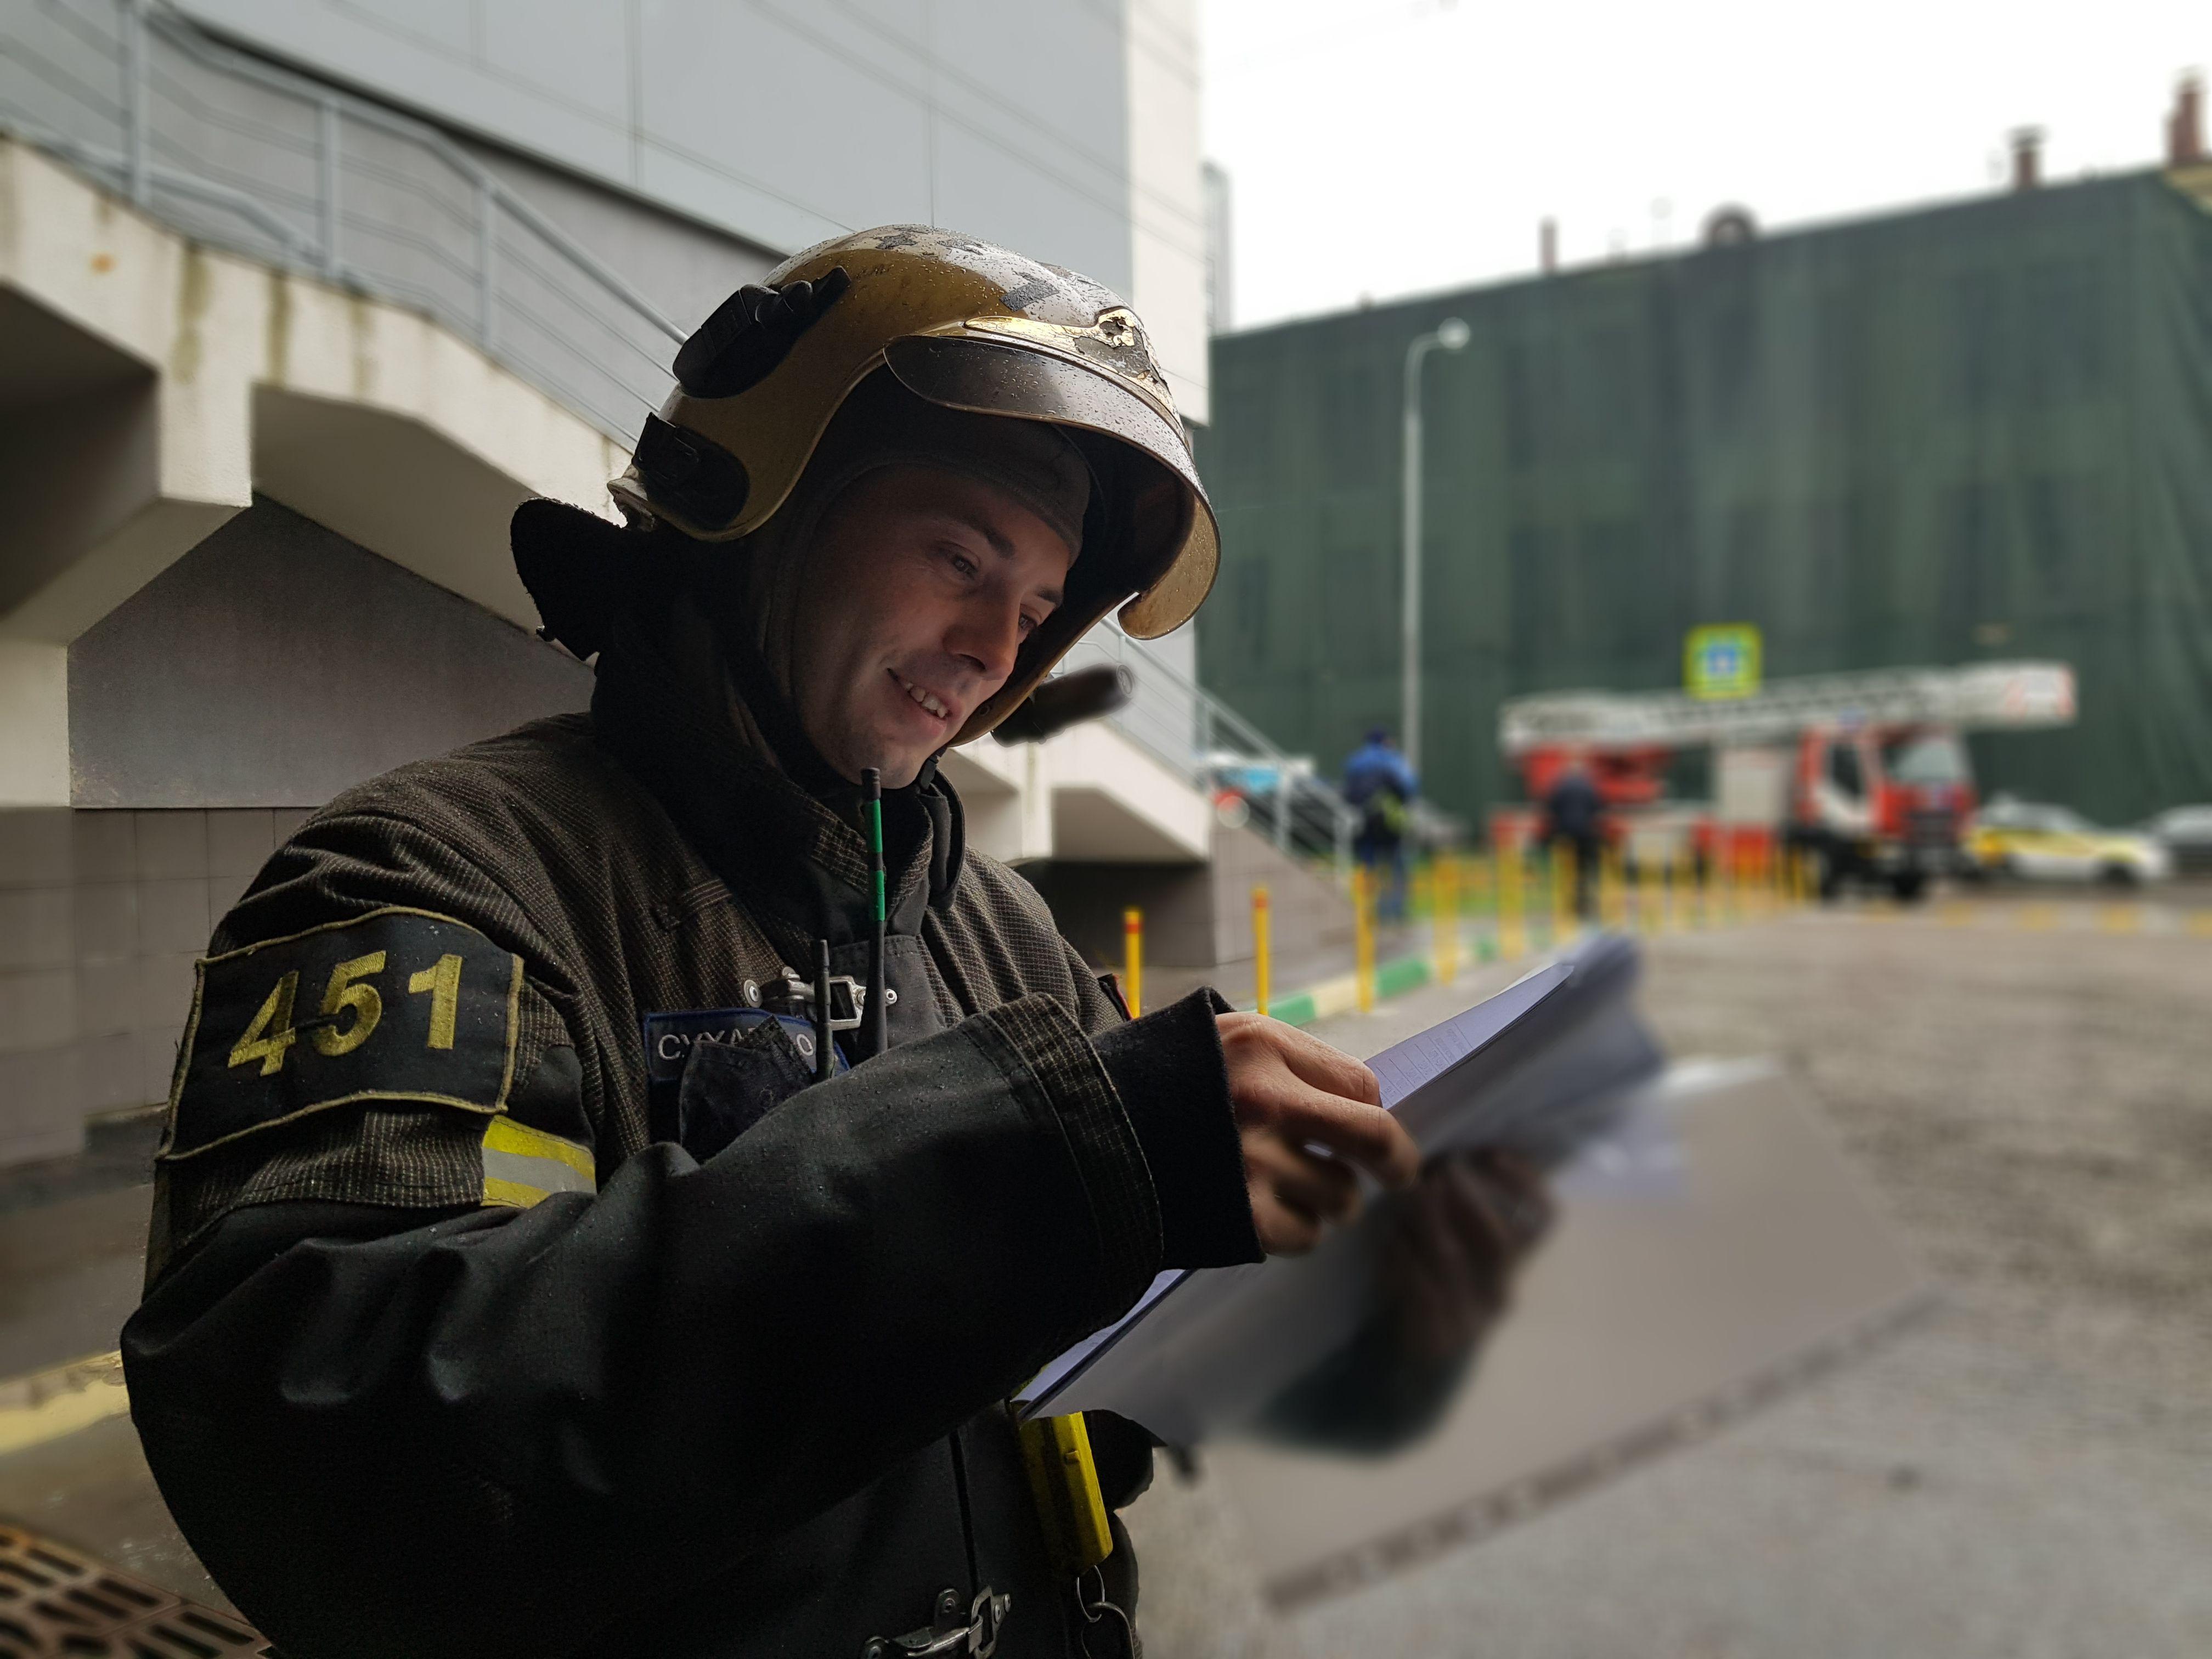 Спасатели провели пожарно-тактические учения по тушению пожара